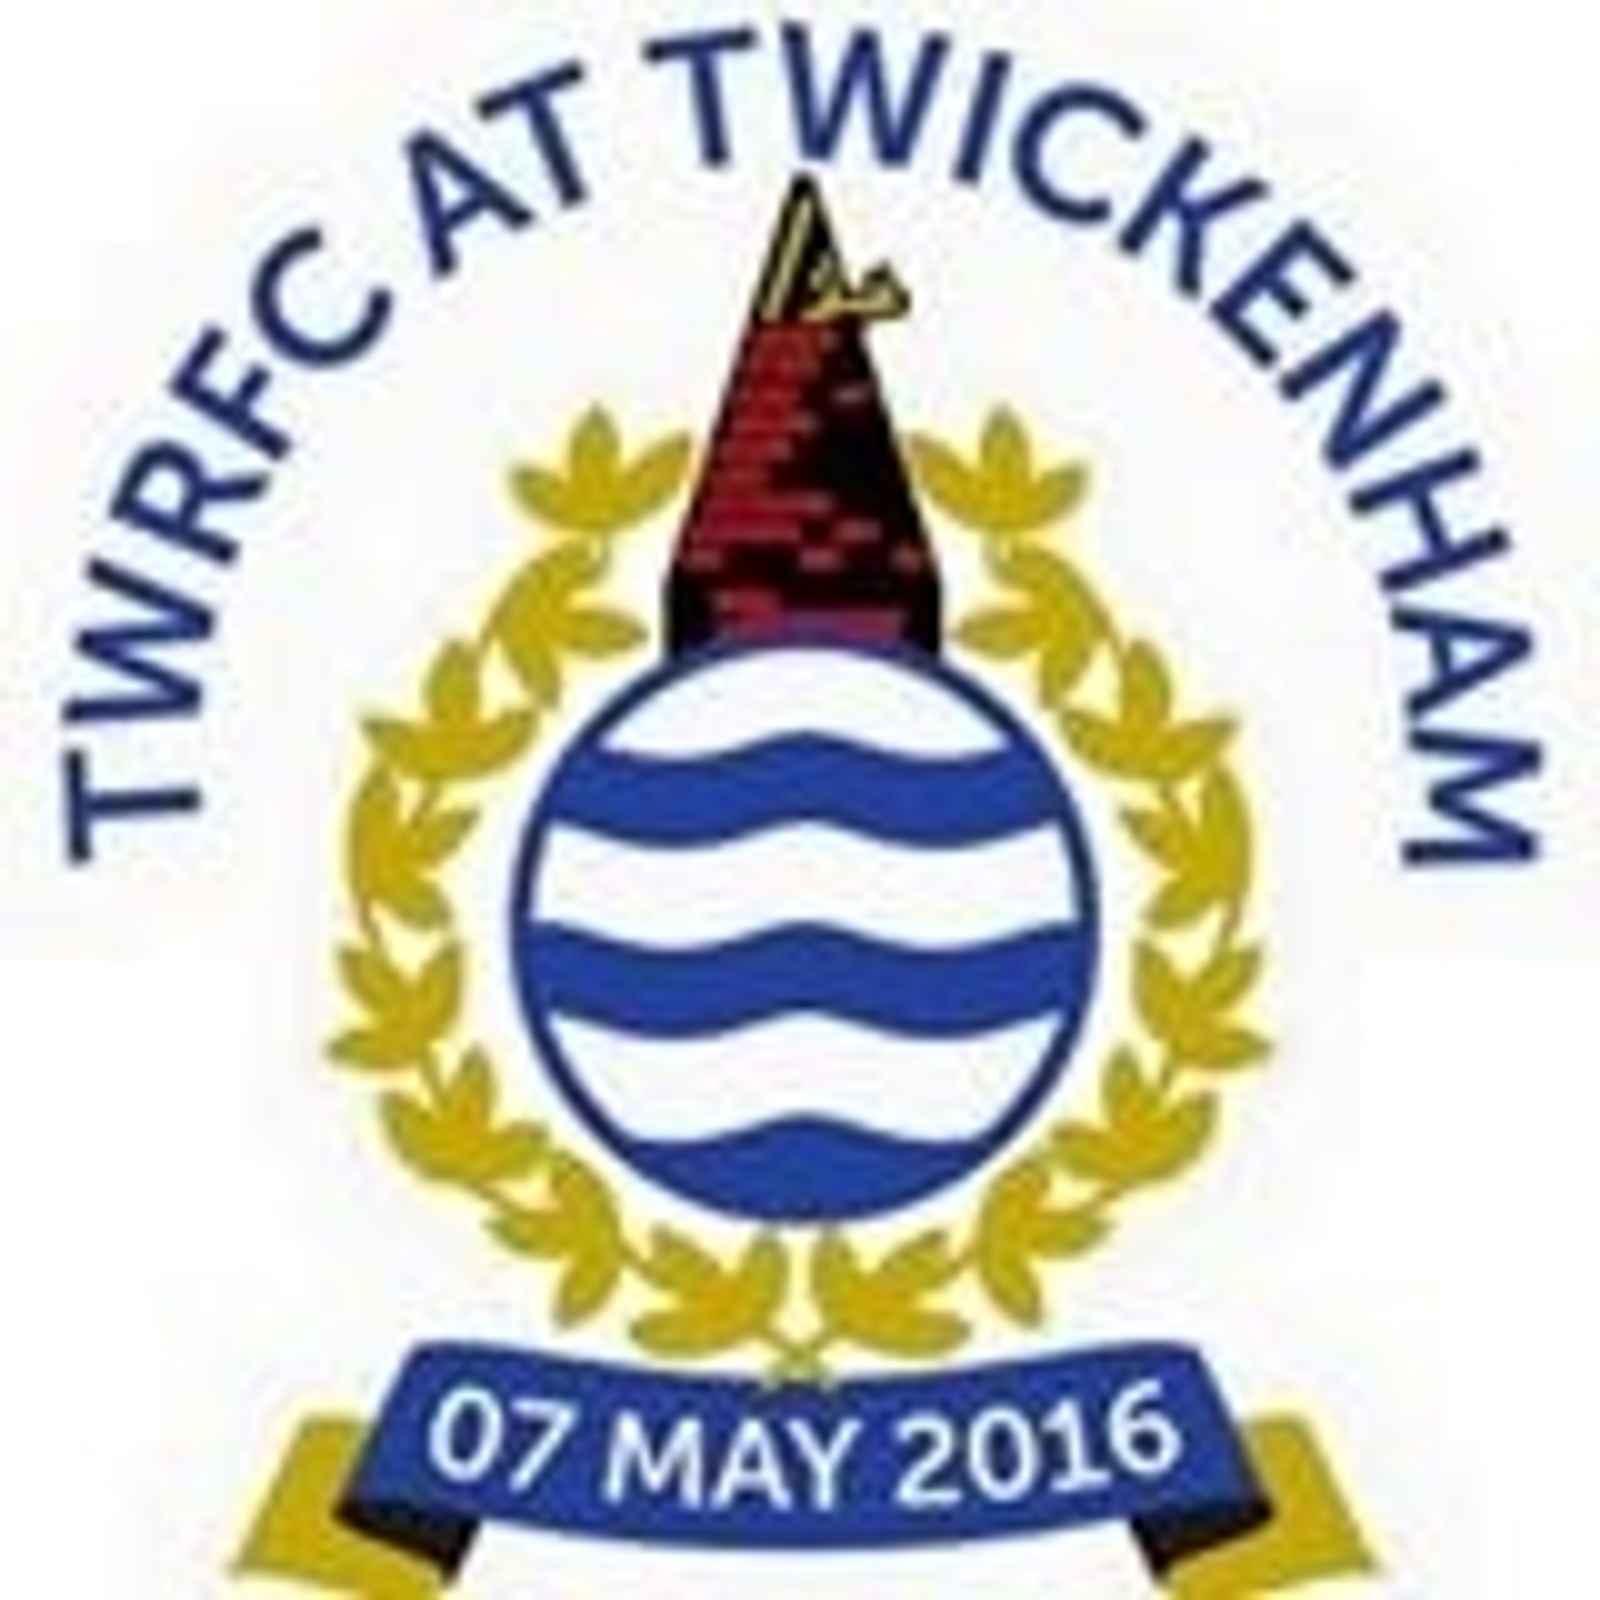 Twickenham.....here we go......